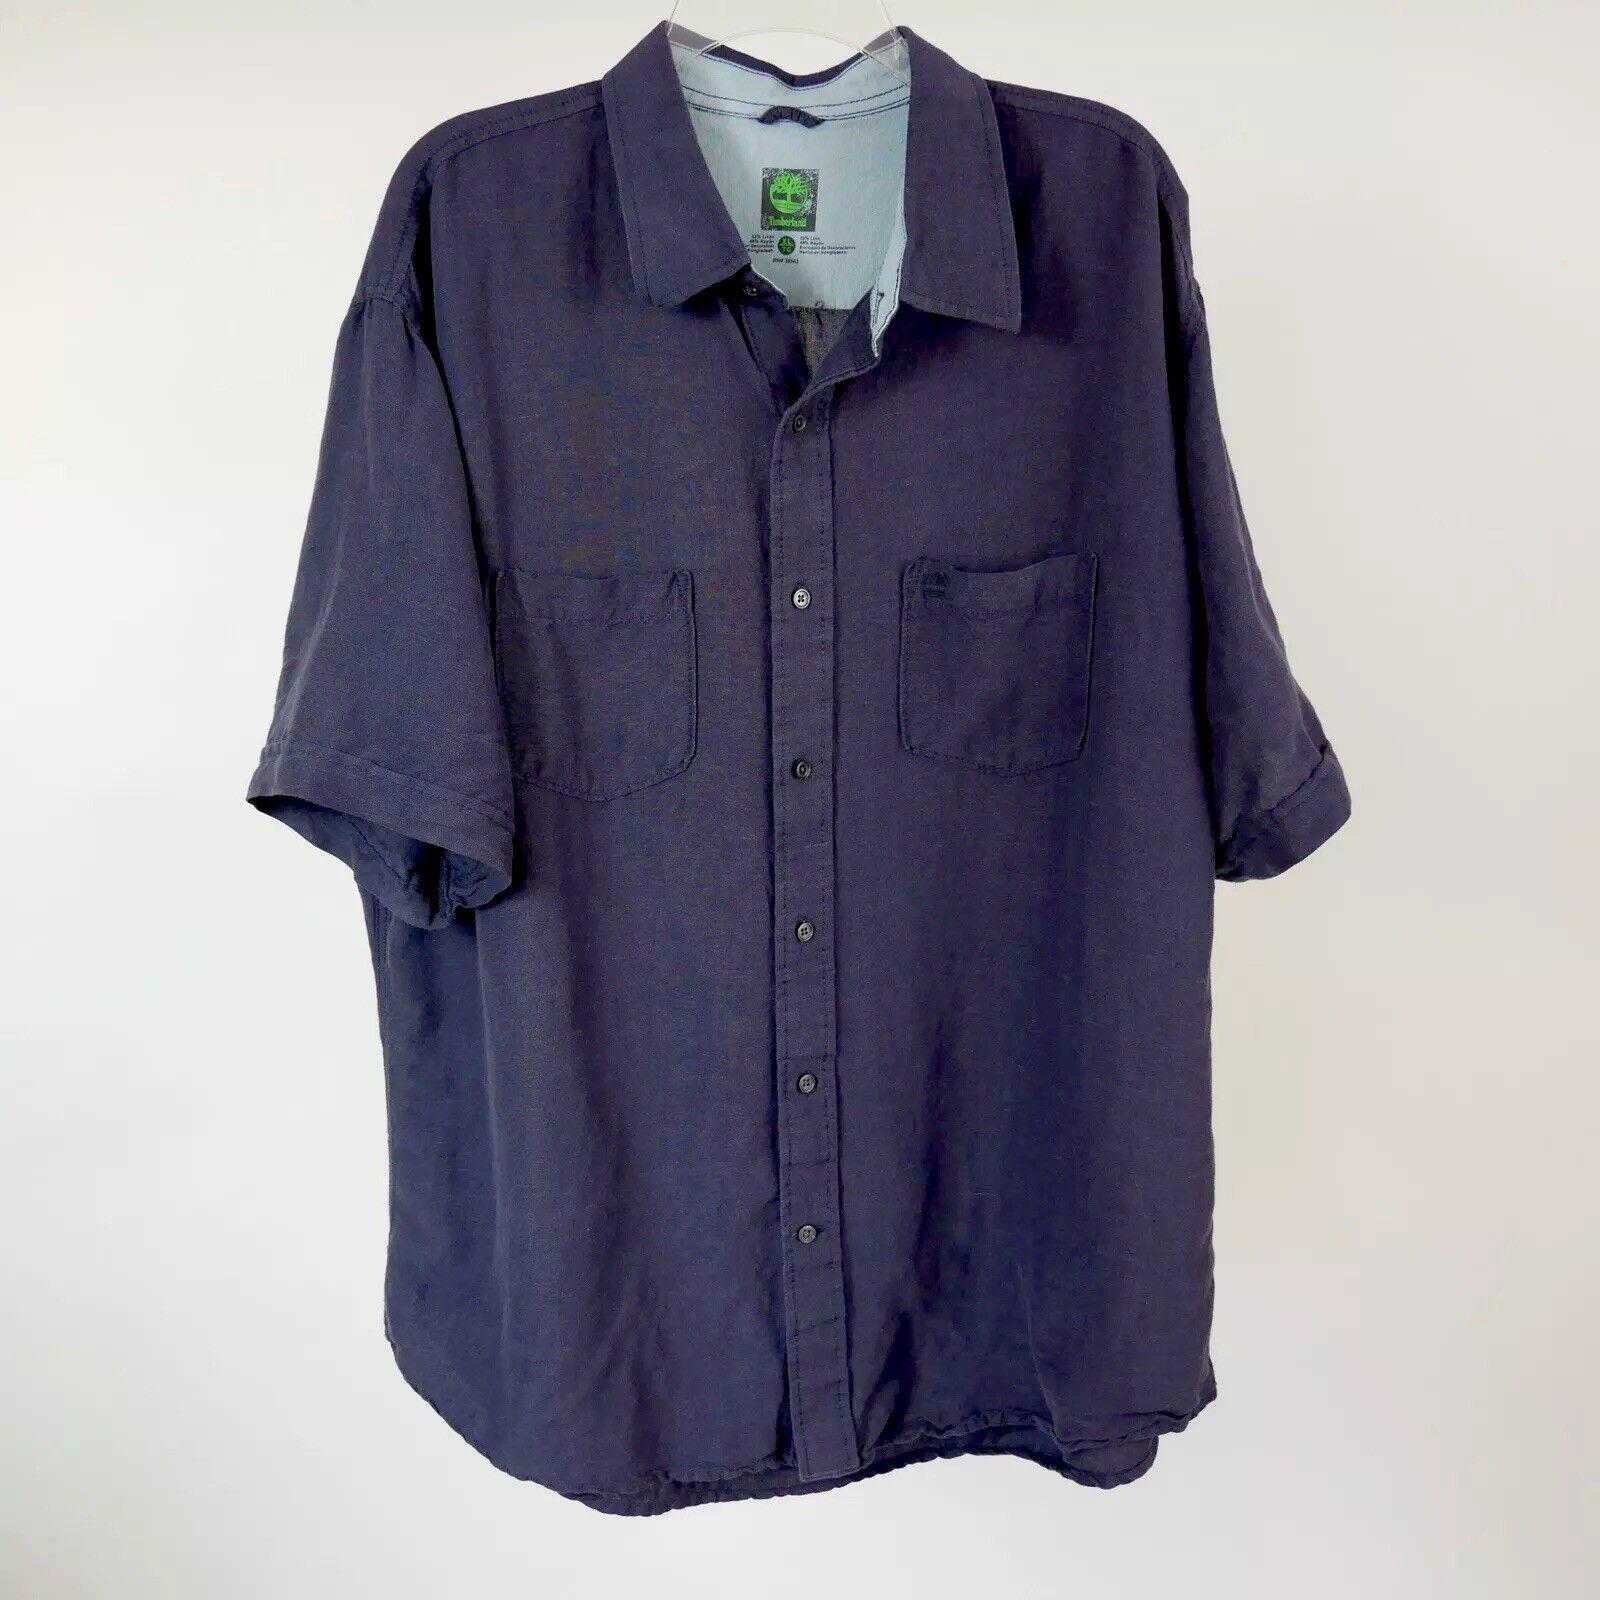 Timblerland XL Linen Mix bluee Camping Button Front Lounge Aloha Beach Shirt